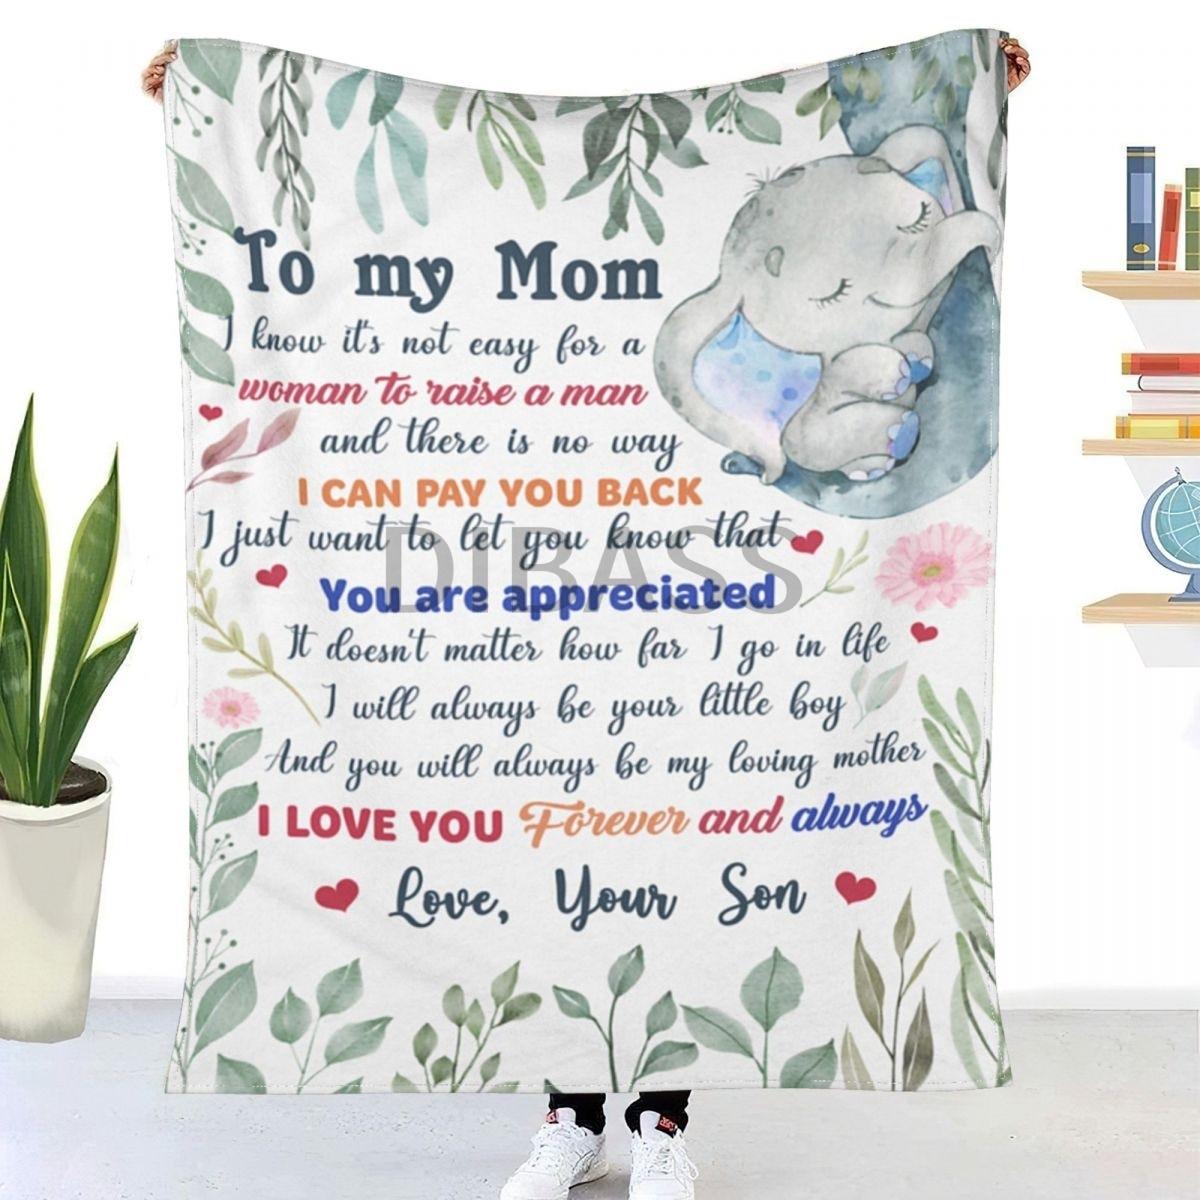 أنت محل تقدير ؛ هدية مذهلة لأمي شيربا ثلاثية الأبعاد نسيج فلانل مطبوع رمي بطانية ل سوبر لينة البطانيات ، غرفة نوم أريكة ديكو